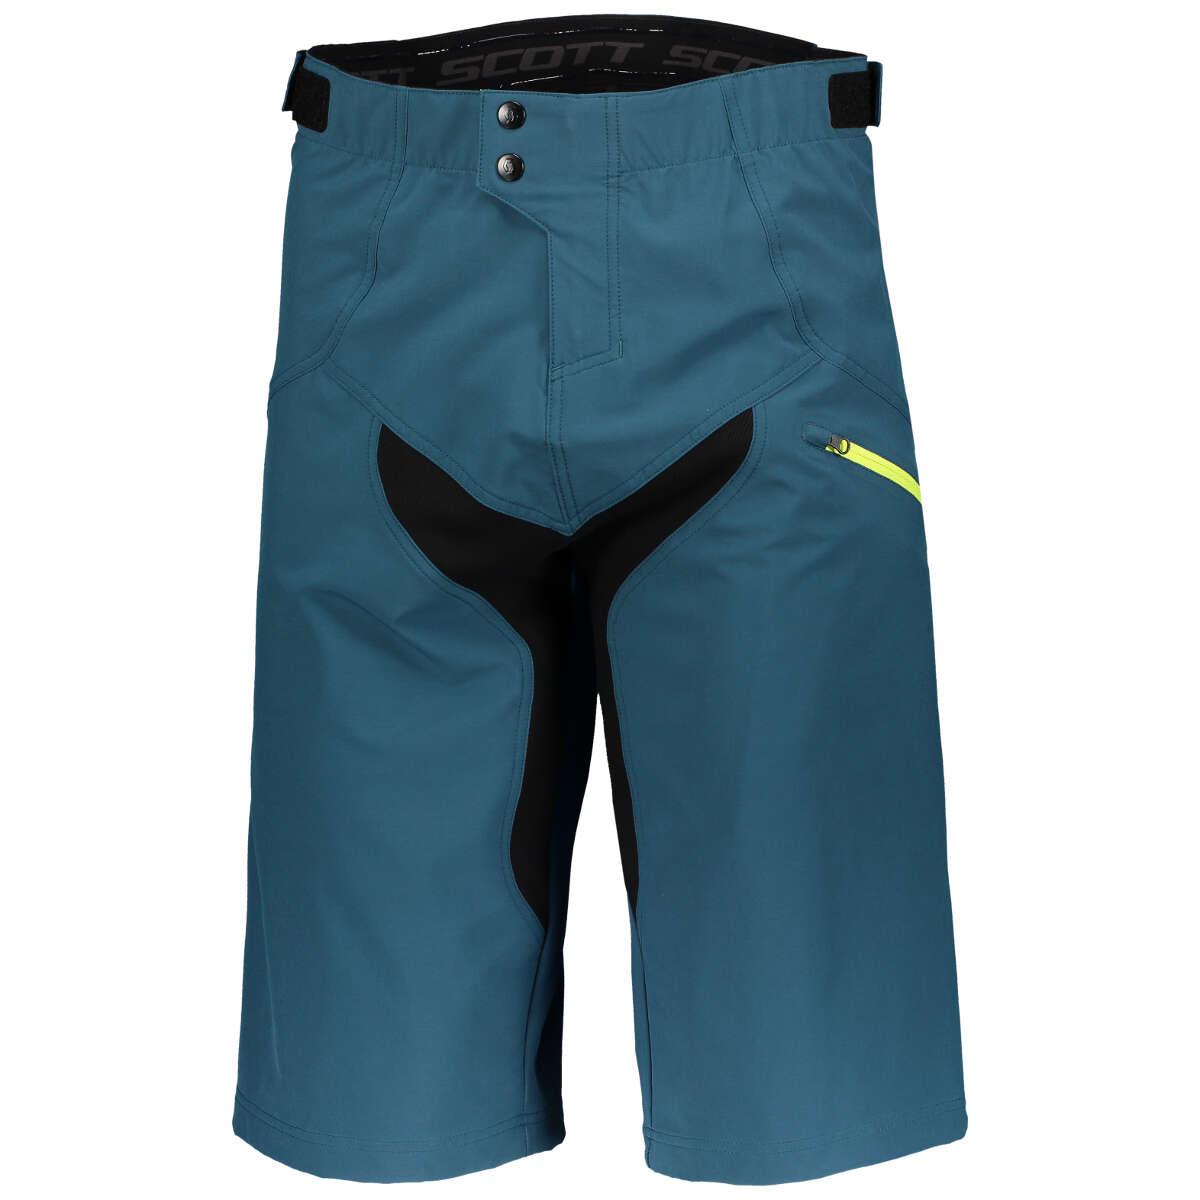 Scott Bike Short Trail DH Lunar Blue//Sulphur Yellow